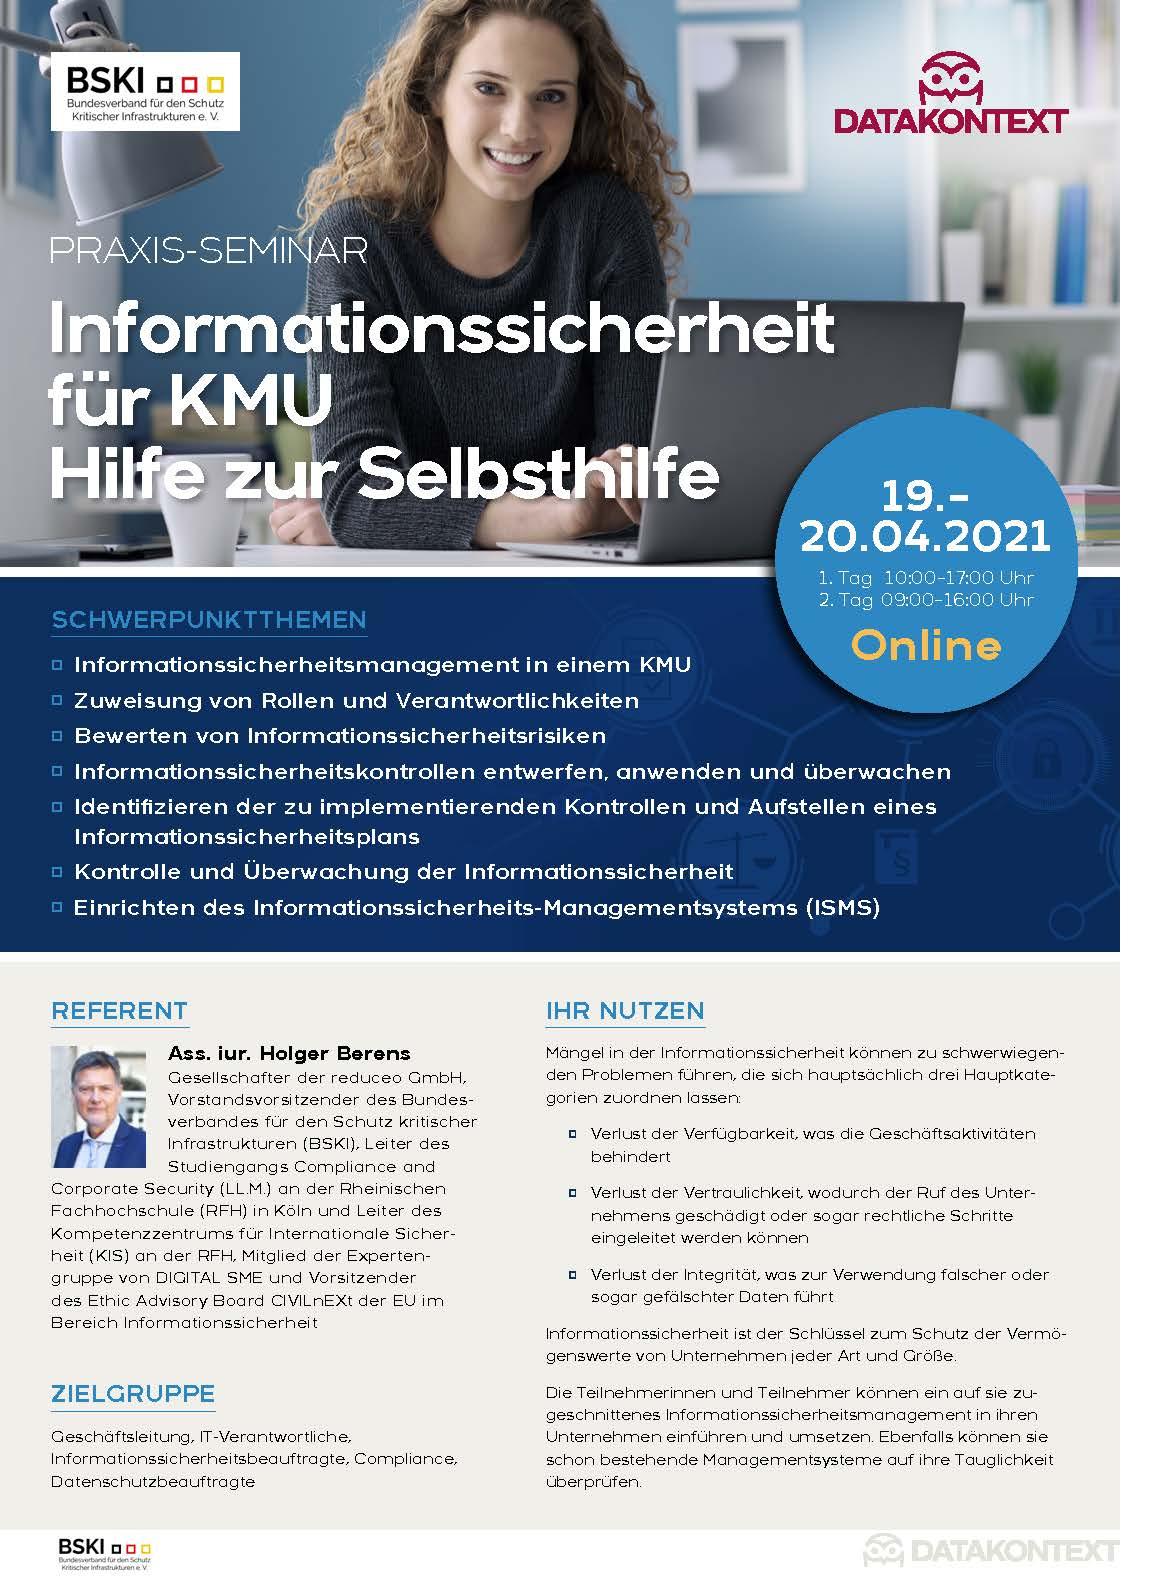 Informationssicherheit für KMU Hilfe zur Selbsthilfe